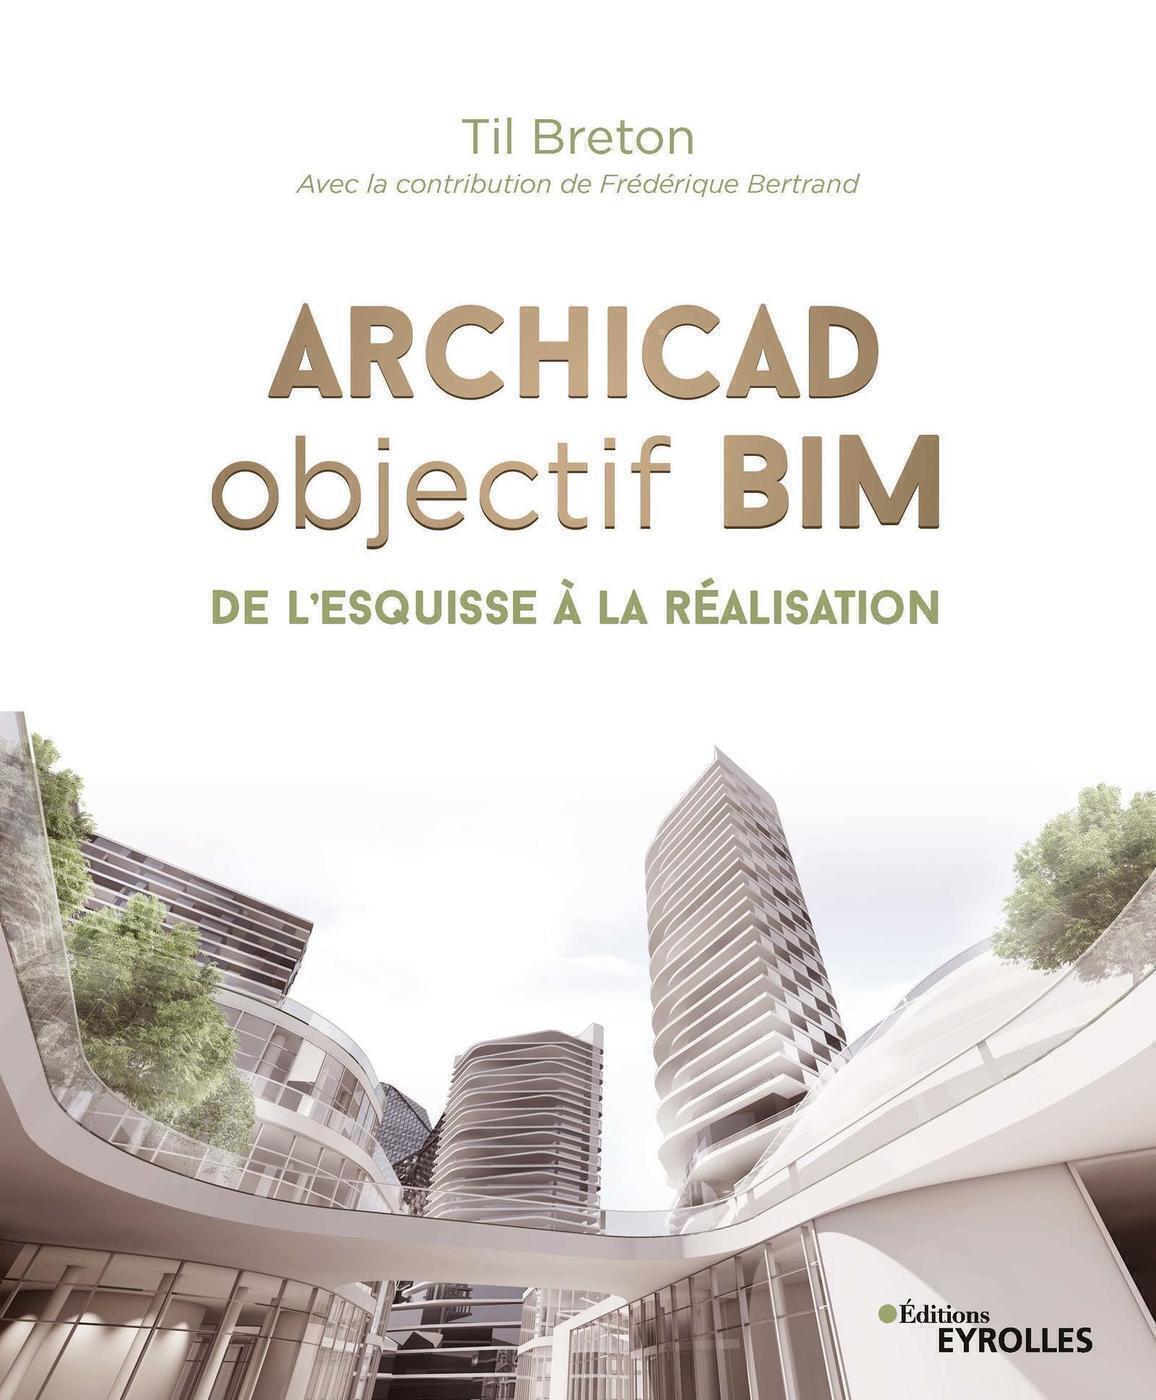 ARCHICAD OBJECTIF BIM - DE L ESQUISSE A LA REALISATION